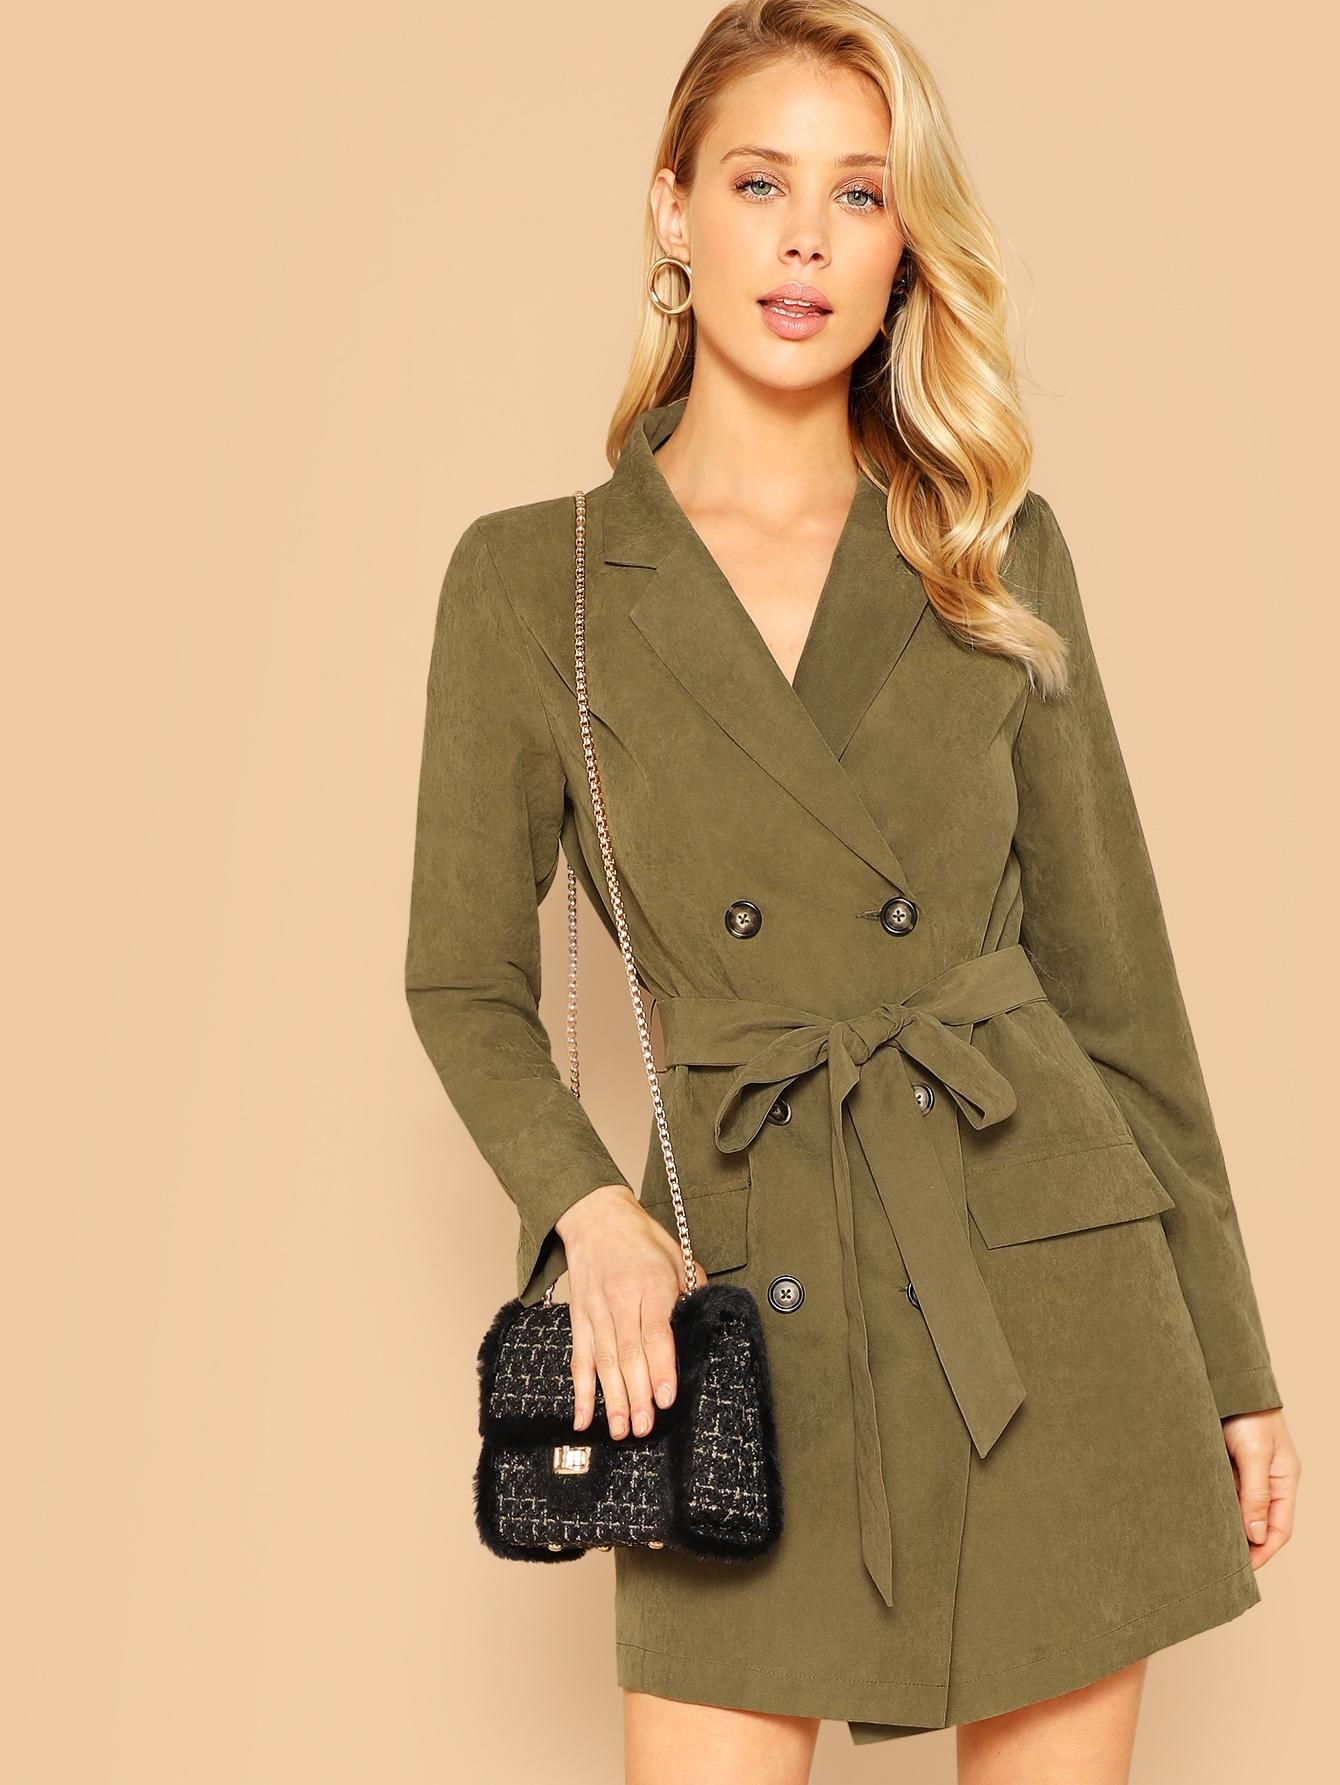 Двубортное длинное пальто с зубчатым воротником и поясом, Allie Leggett, SheIn  - купить со скидкой